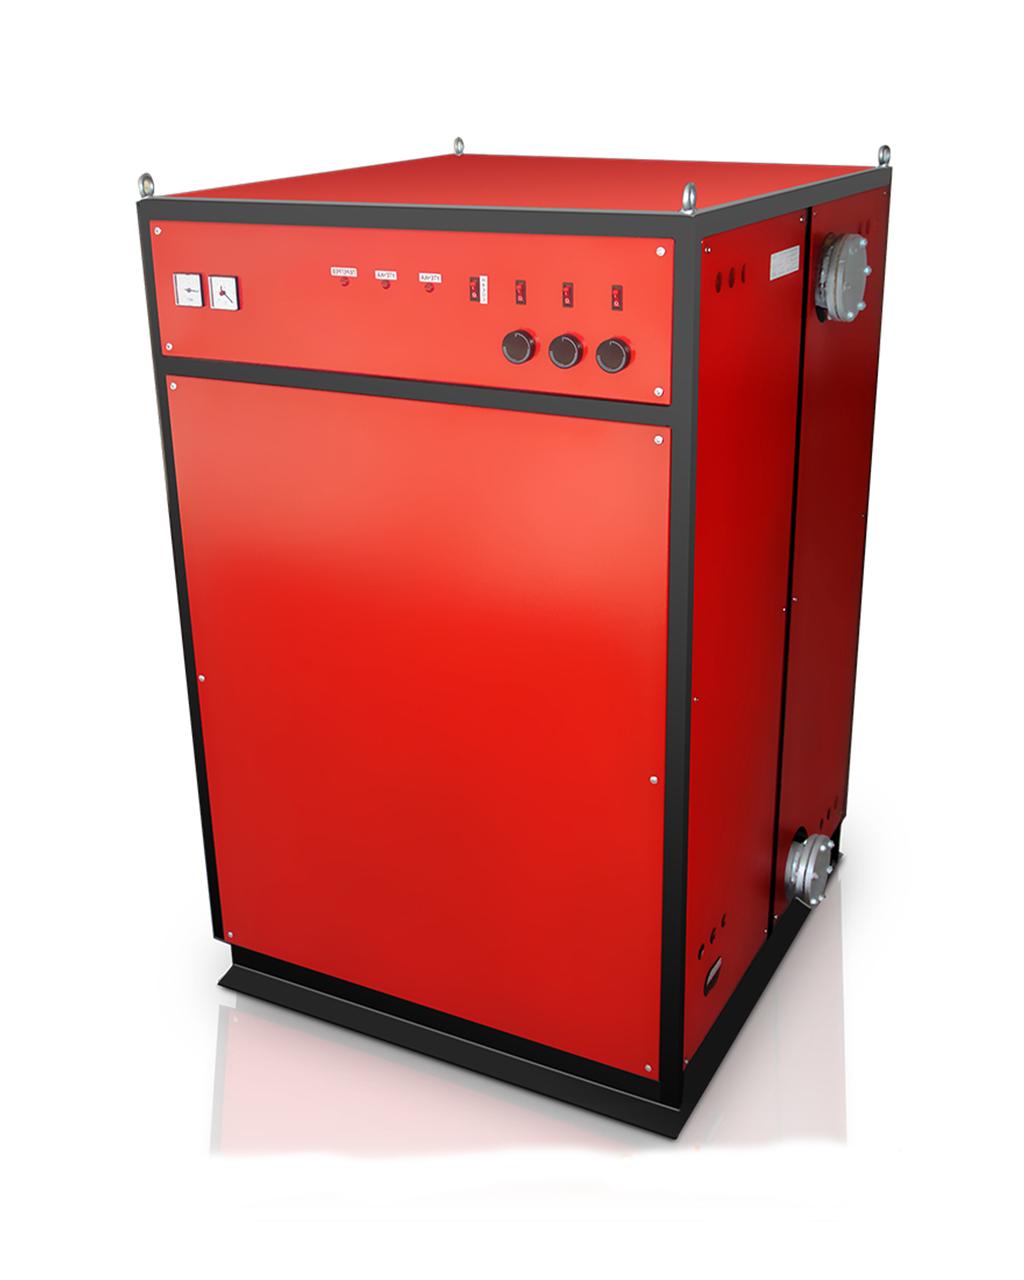 Електричний котел Титан Промисловий Модульний, 75 кВт 380 В